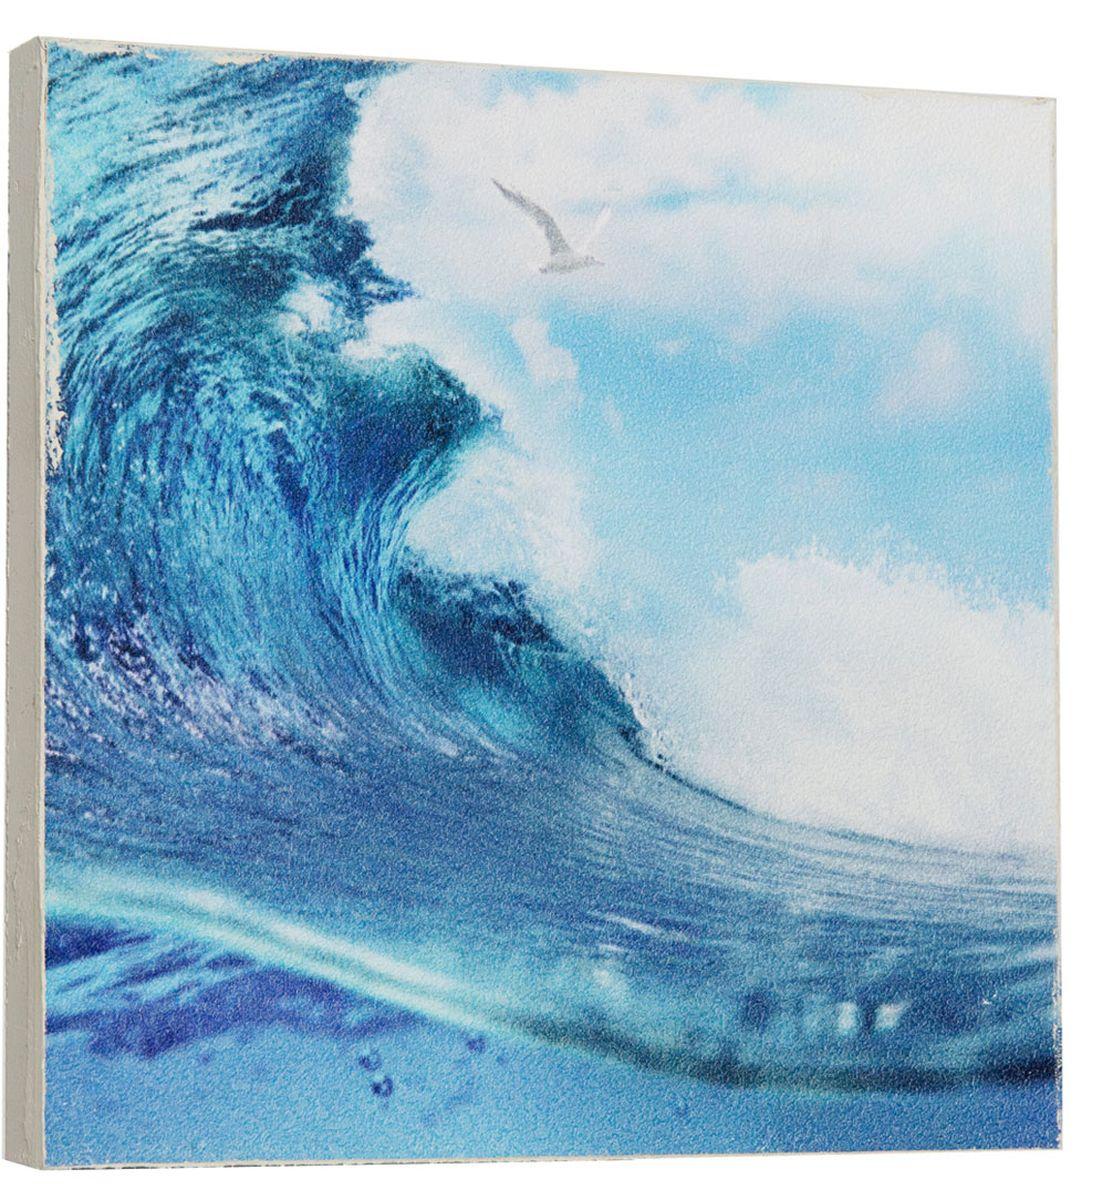 Картина Mister Poster Яркая морская волна, 22 х 22 см0298-22-22Картина Mister Poster - это высококачественная репродукция на деревянной раме. Лицевая поверхность имитирует штукатурку или натуральный холст, края окрашены вручную специальным декоративным составом. Современные технологии, уникальное оборудование и оригинальные чернила, используемые при изготовлении, делают постер устойчивым к выцветанию, а также гарантируют стойкость к воздействию негативных внешних факторов. Интерьер дома и офиса, в котором находится человек, в значительной степени влияет на его настроение и работоспособность. Правильное оформление интерьера создает благоприятный психологический климат, улучшает настроение и мотивирует. Добавьте «красок» в ваш интерьер и, возможно, в вашу жизнь.